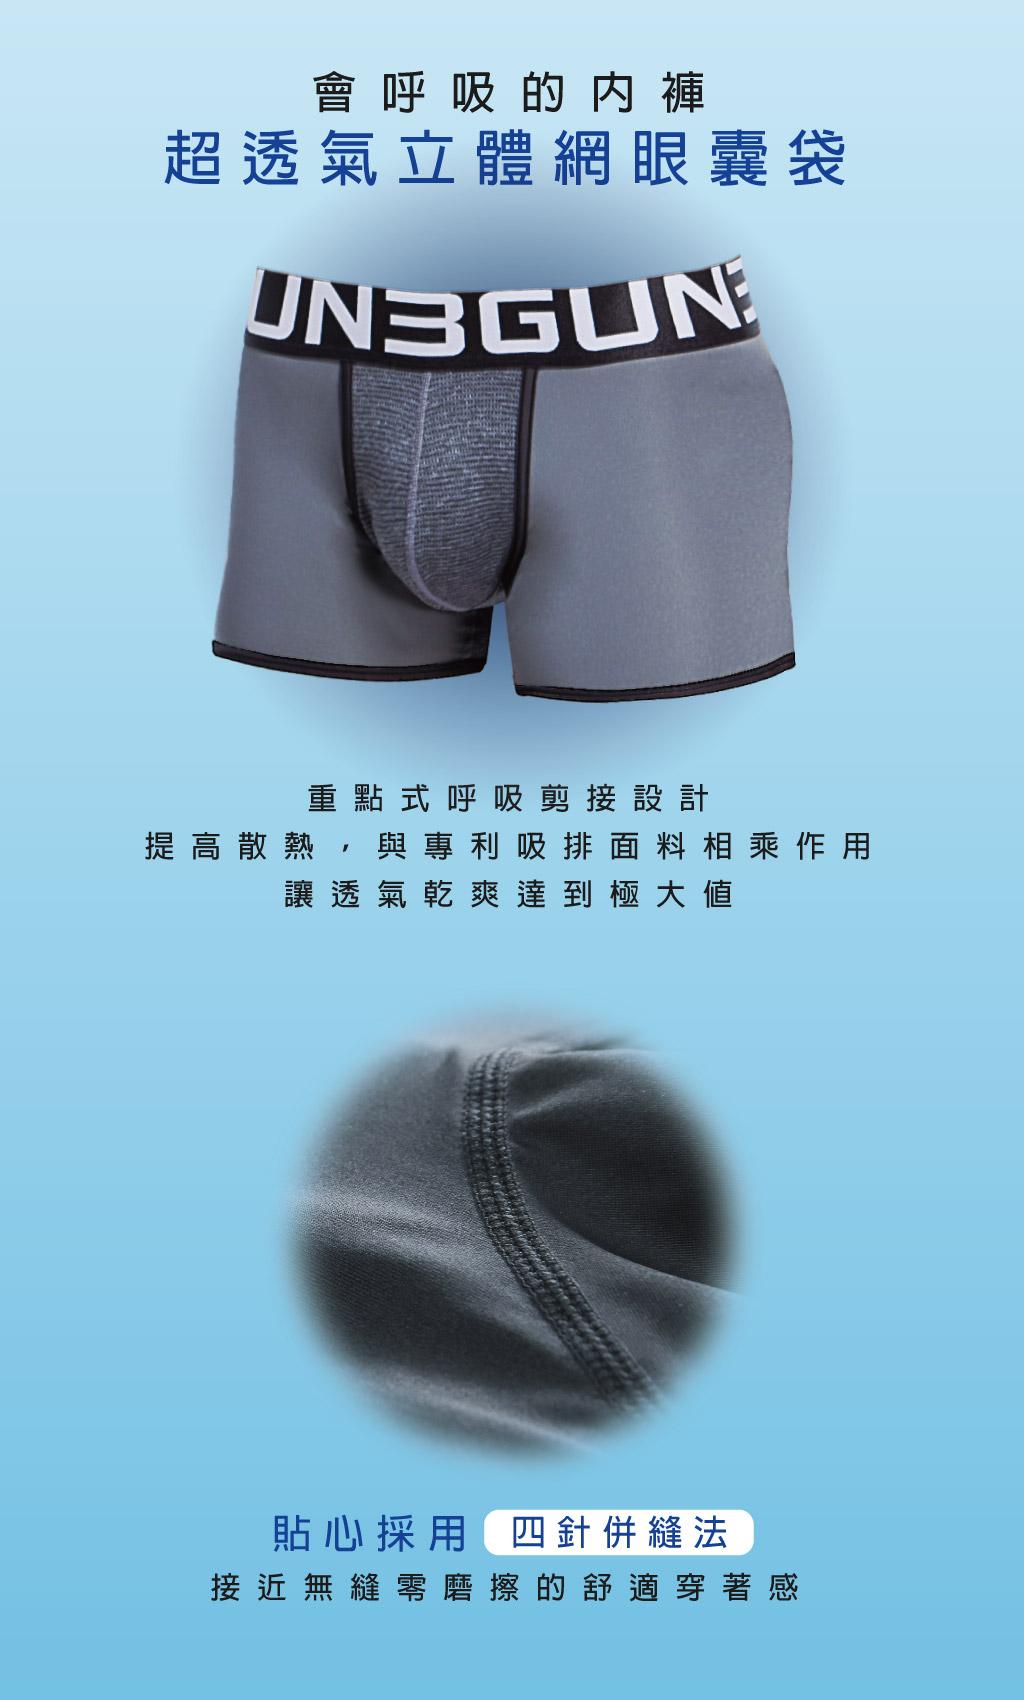 超透氣男真快乾三角褲-吸排-3GUN |男性時尚內衣褲MIT品牌